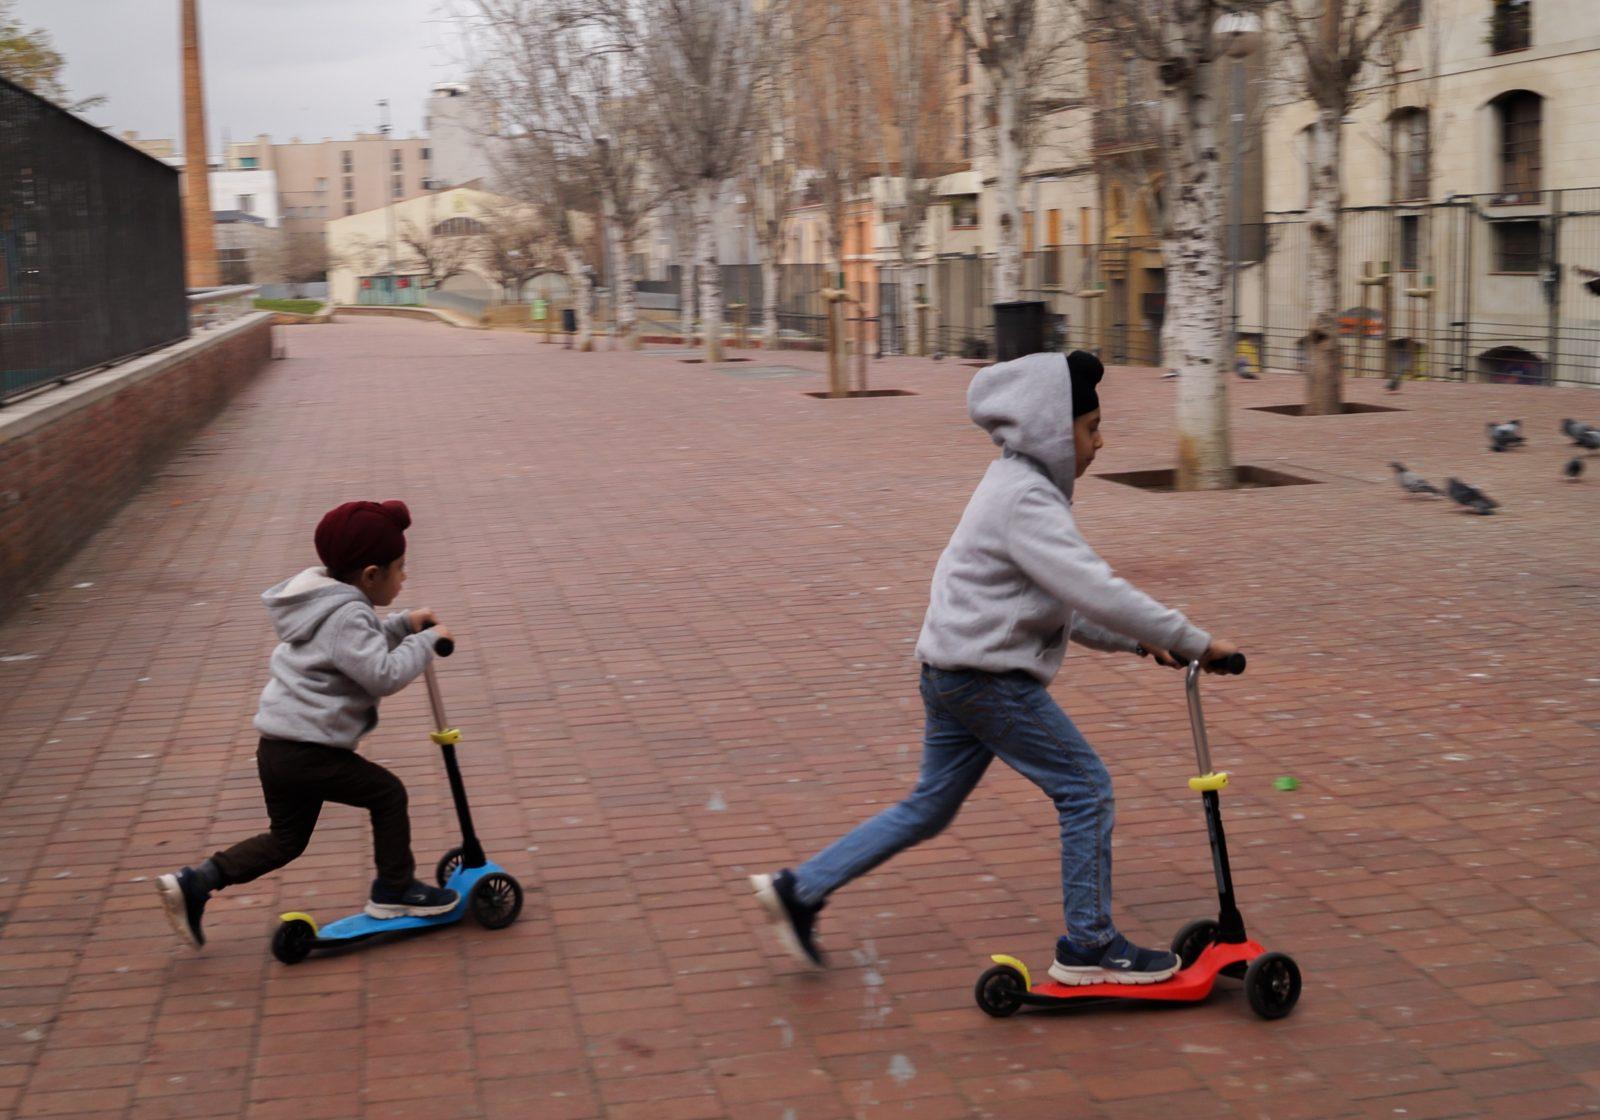 Deux enfants sikhs jouent dans un parc de la ville.